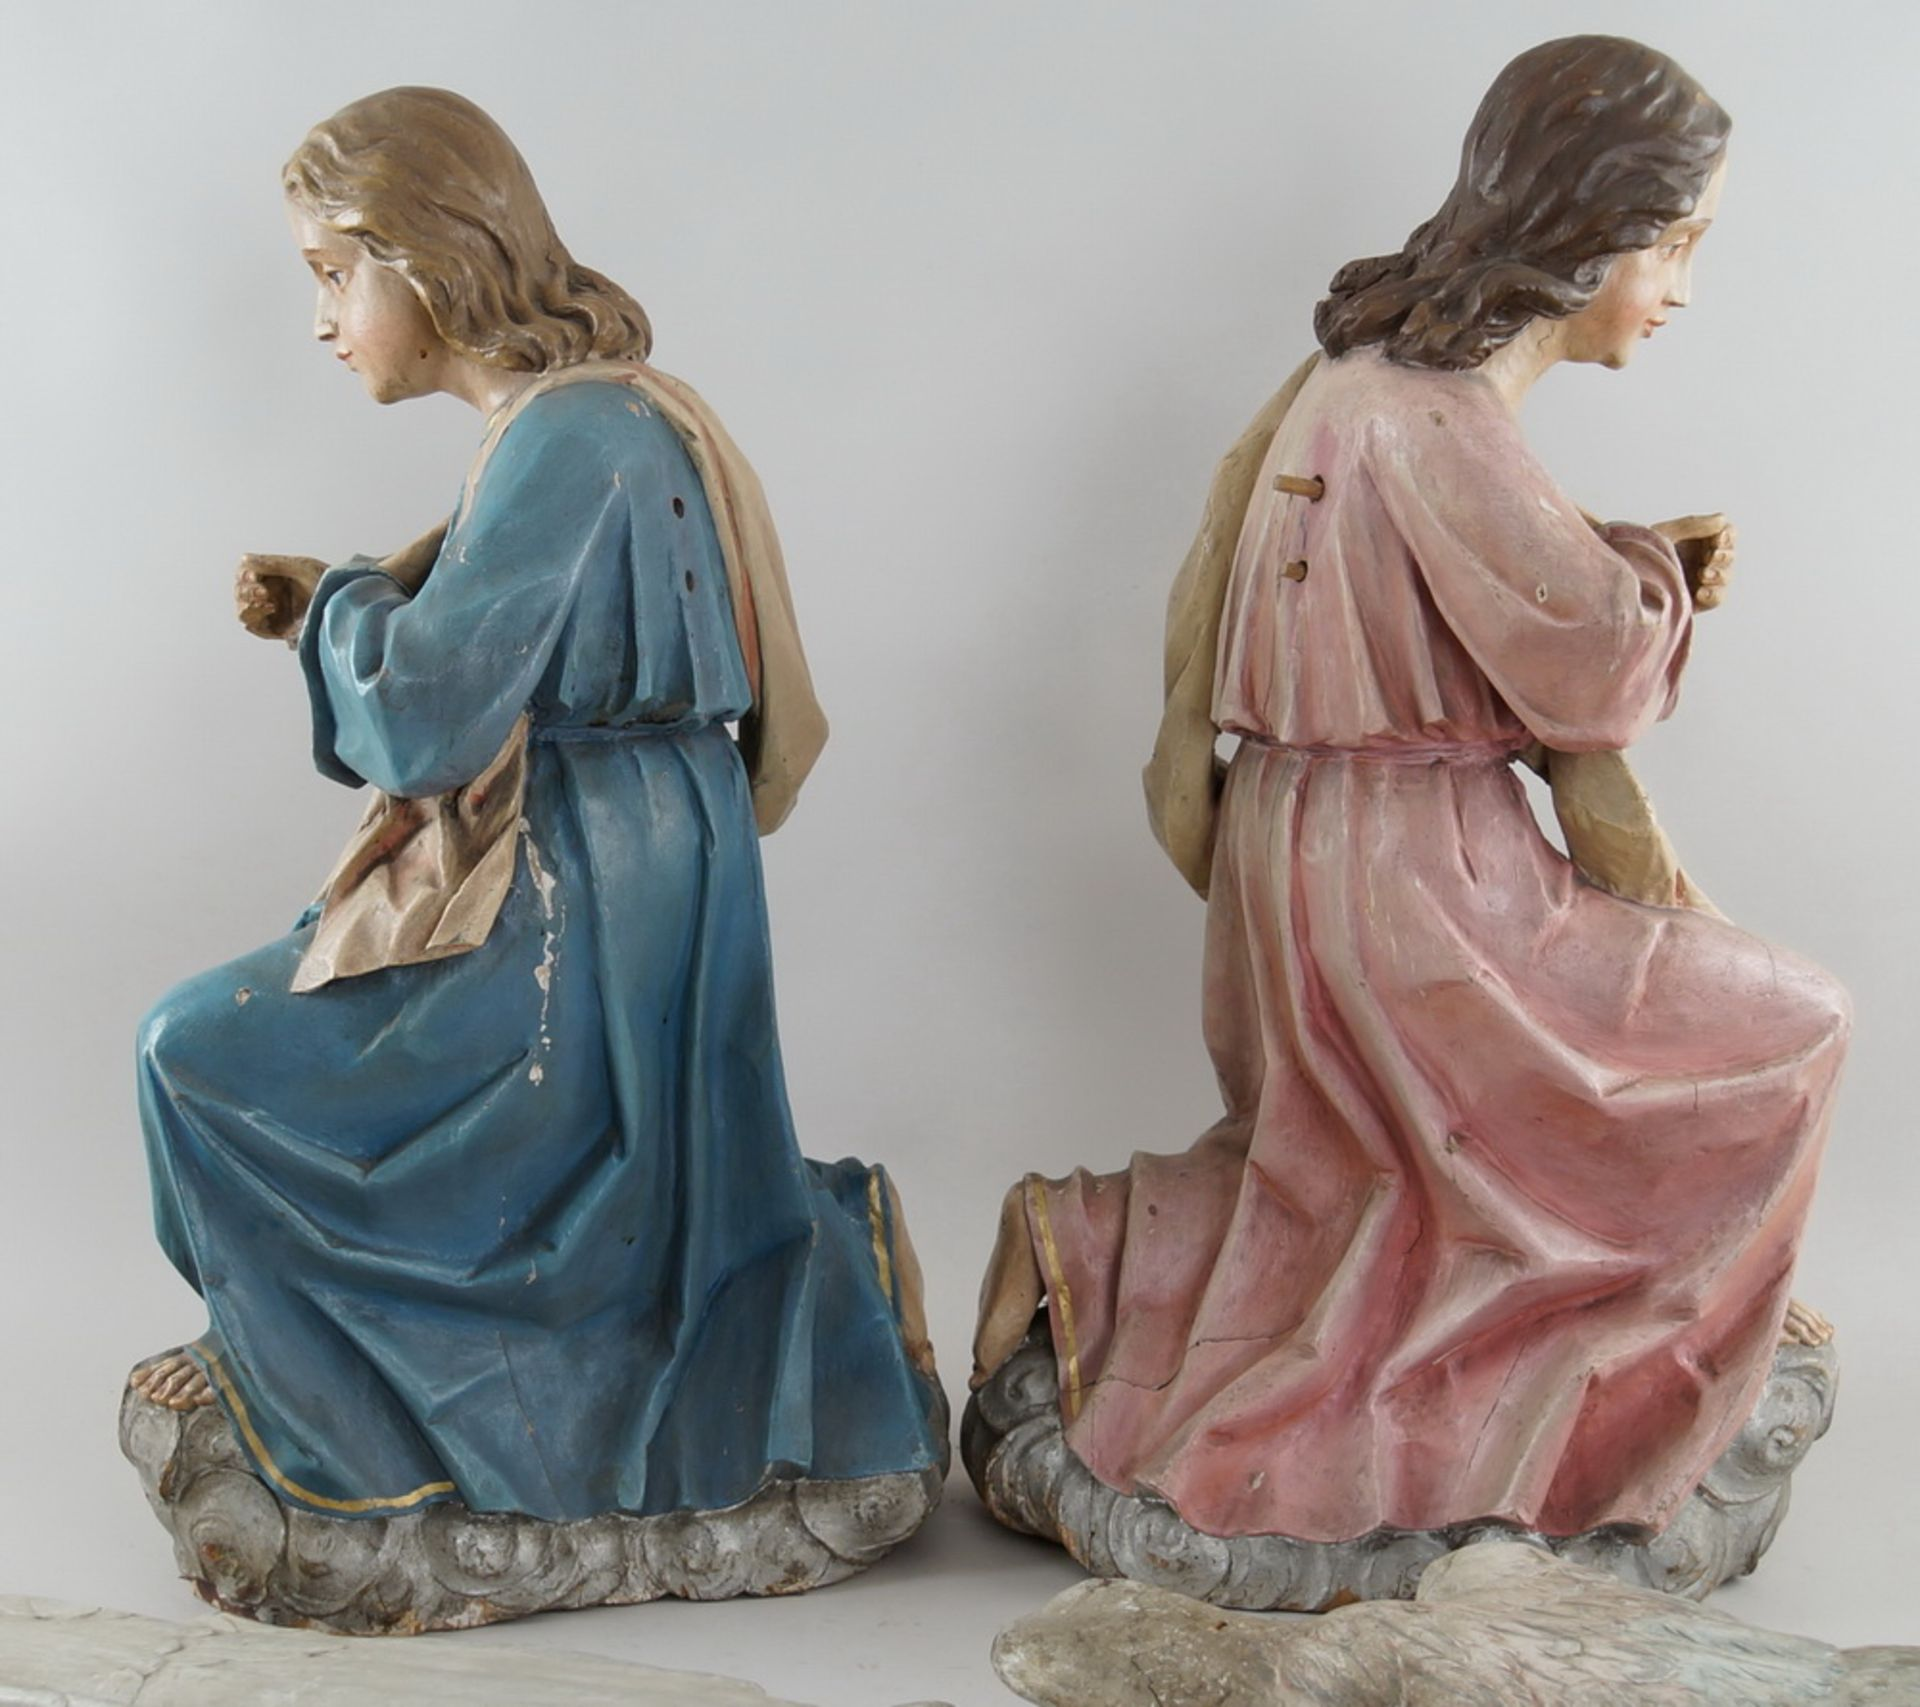 Zwei kniende Engel mit Flügel, 18. JH, Holz geschnitzt und gefasst, rest.-bed., H je 73cm - Bild 13 aus 15